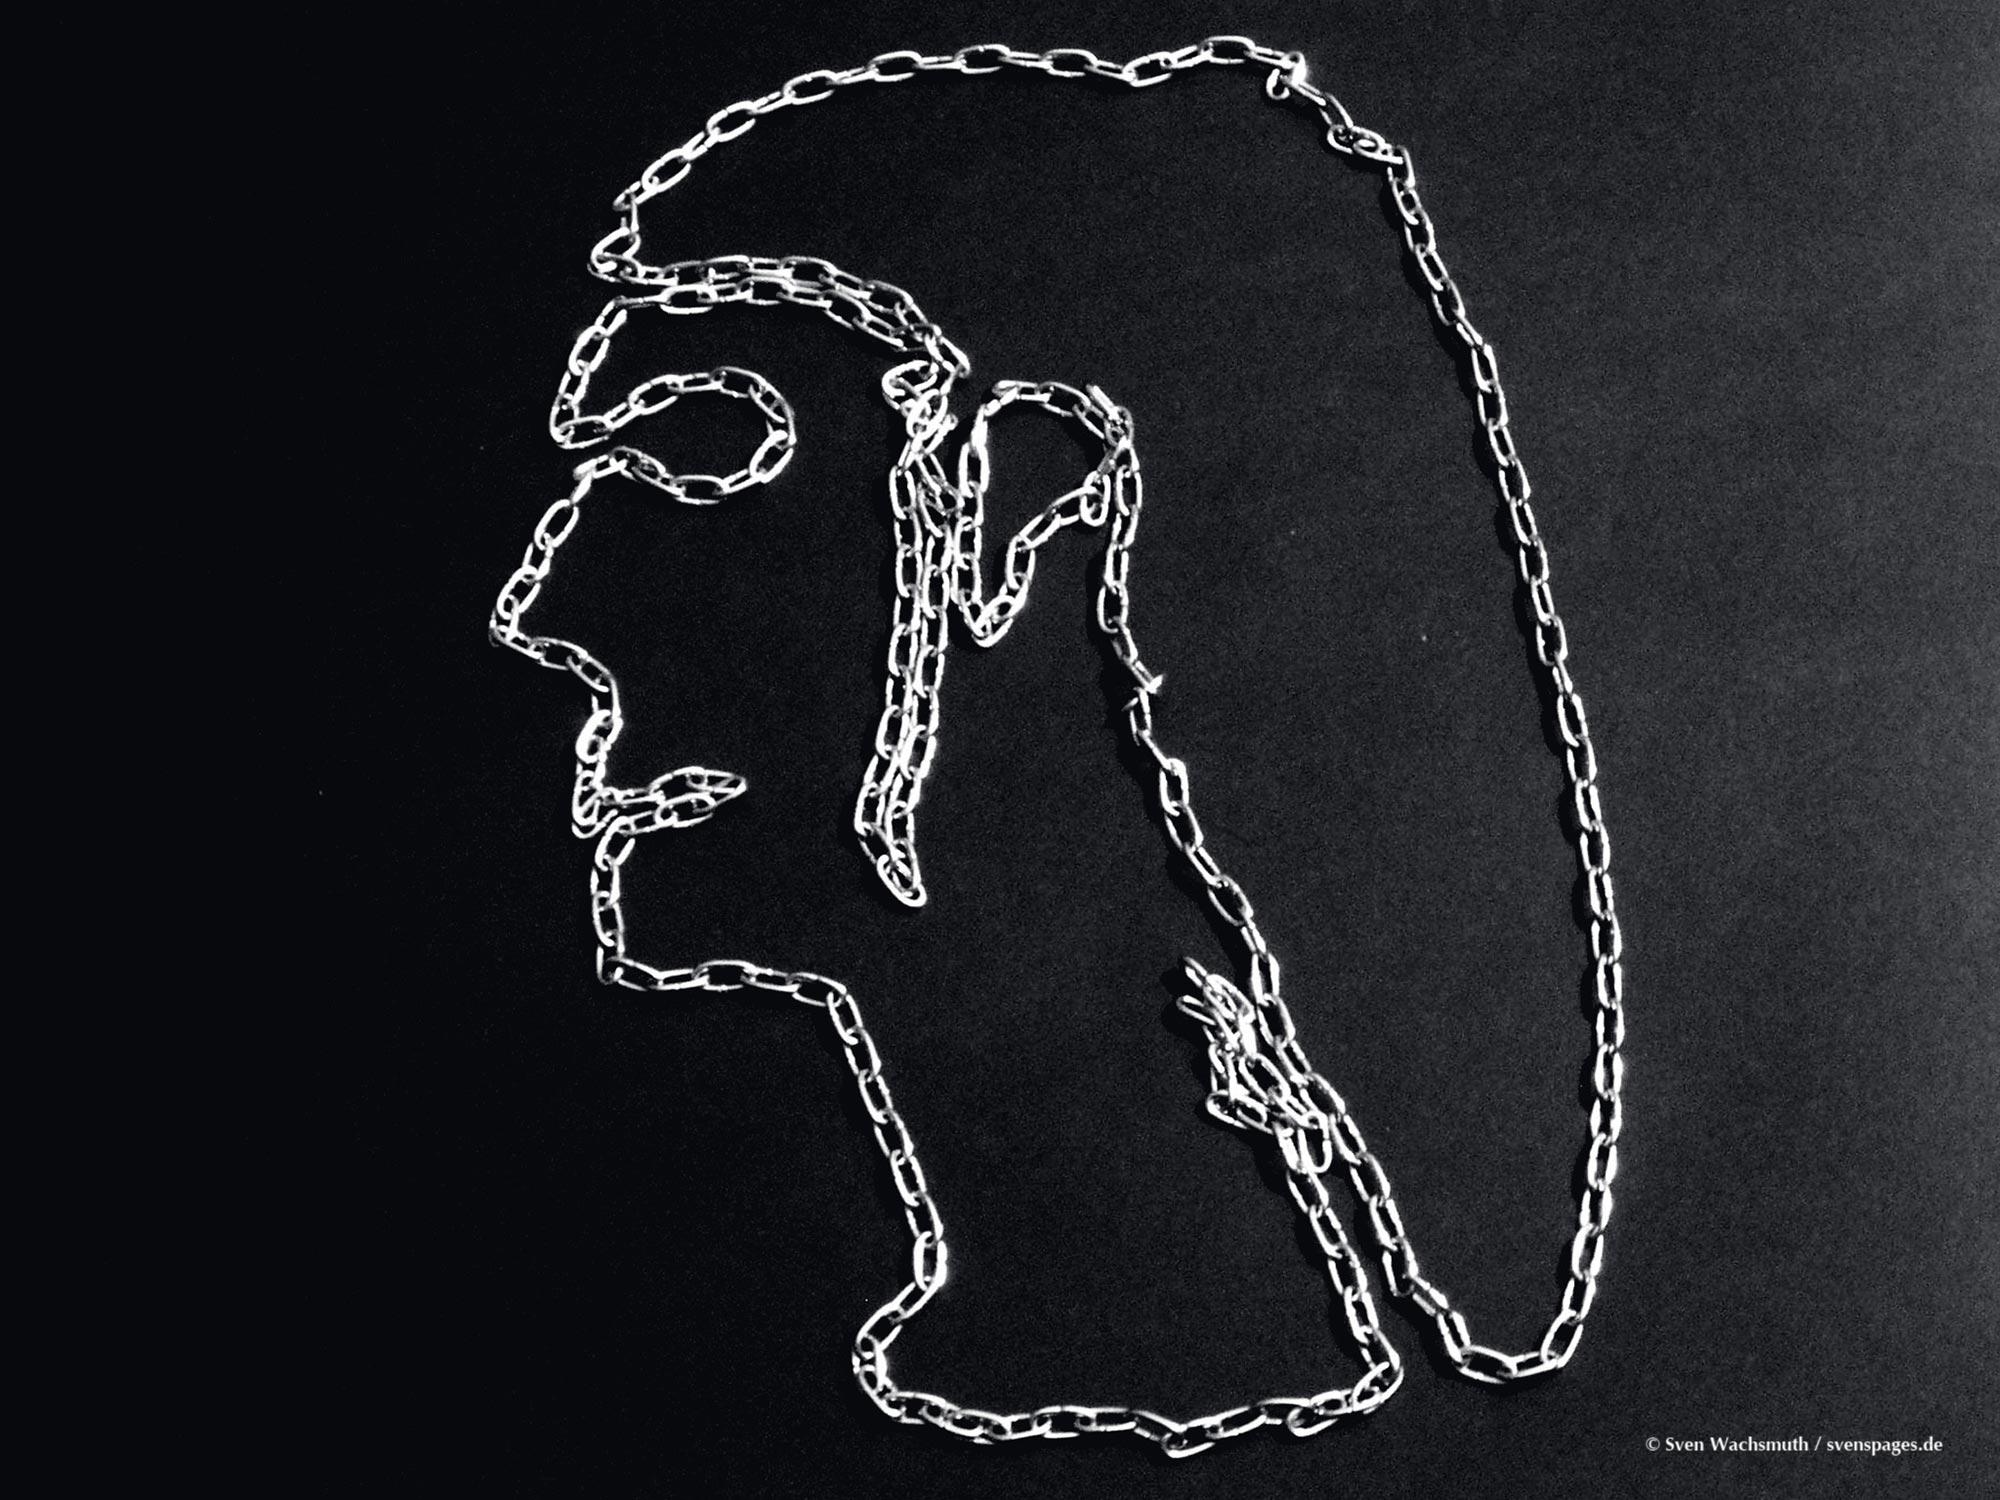 2005-03-12-chains-portrait3